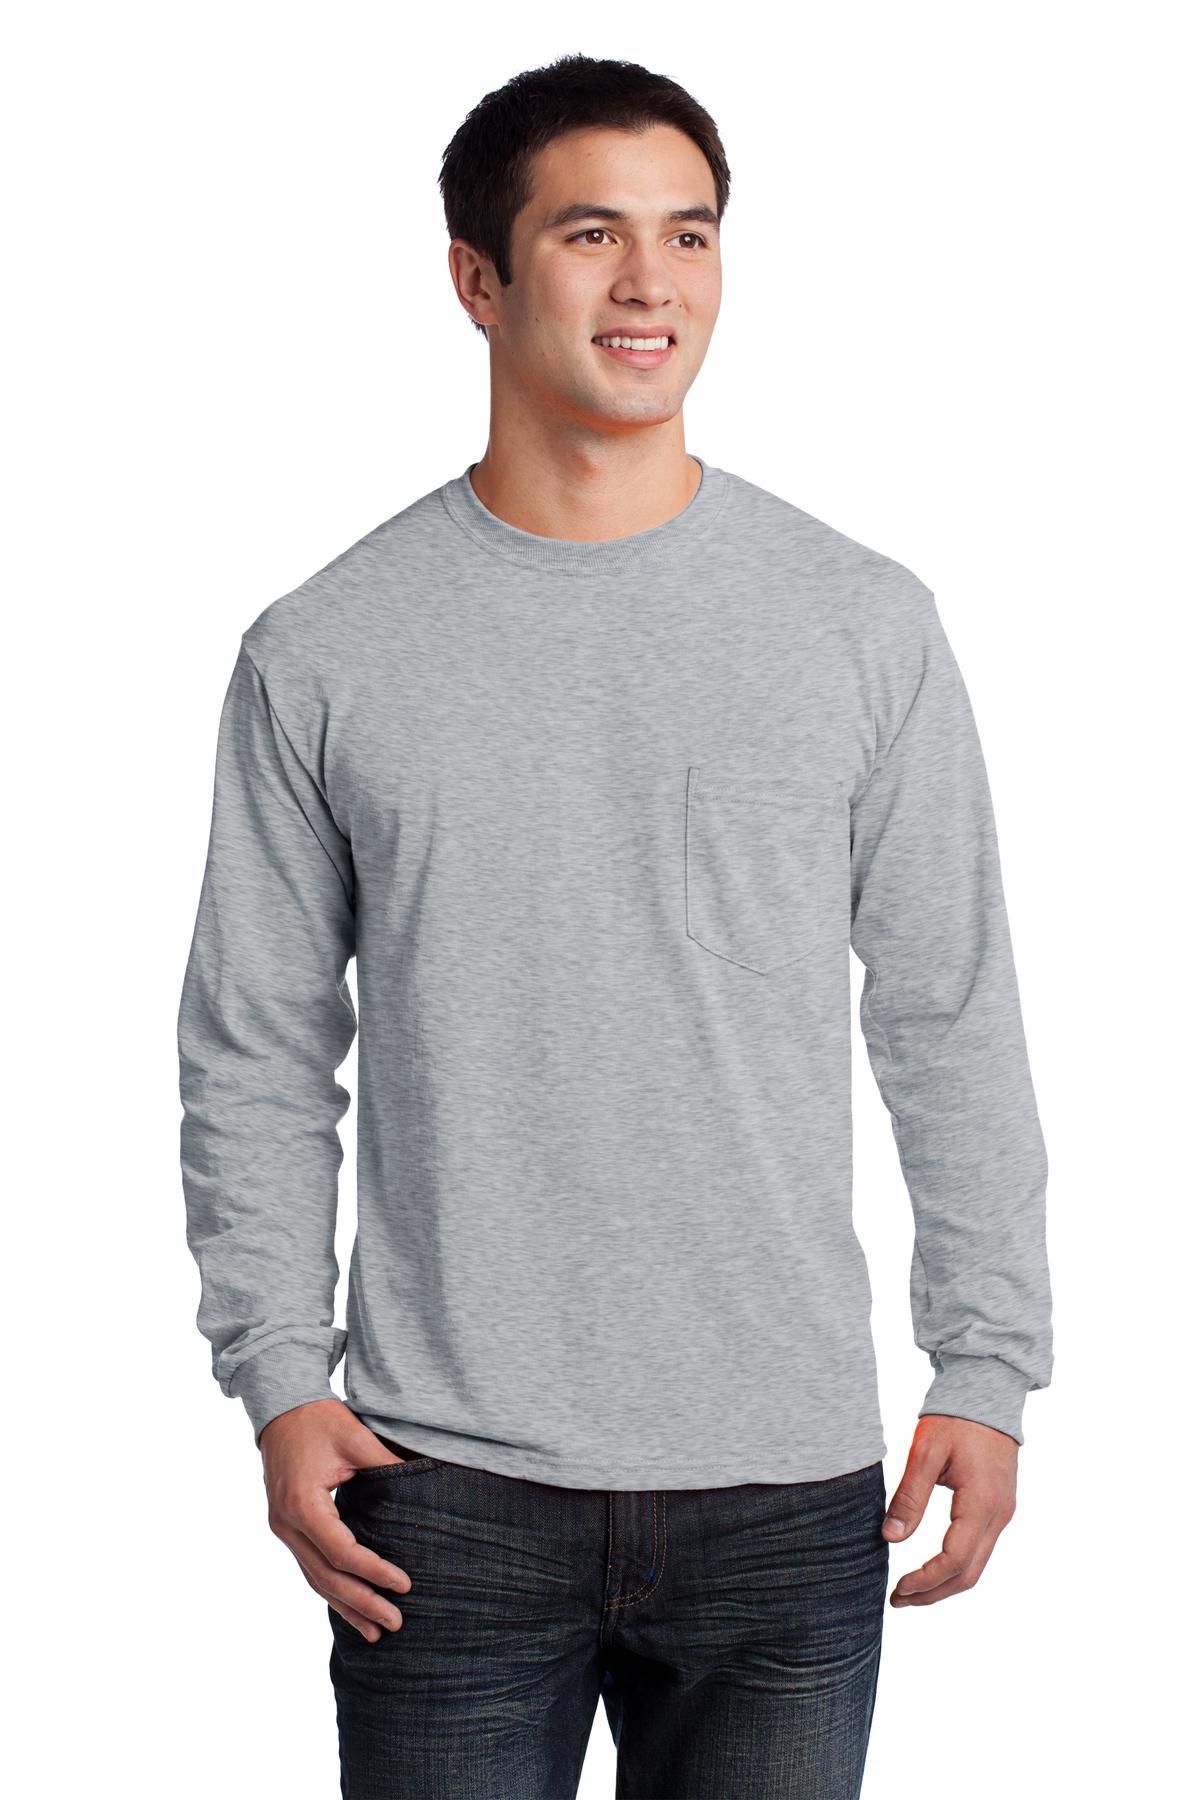 Gildan Ultra Cotton Long Sleeve T-shirt Cotton Long Sleeve T-shirt